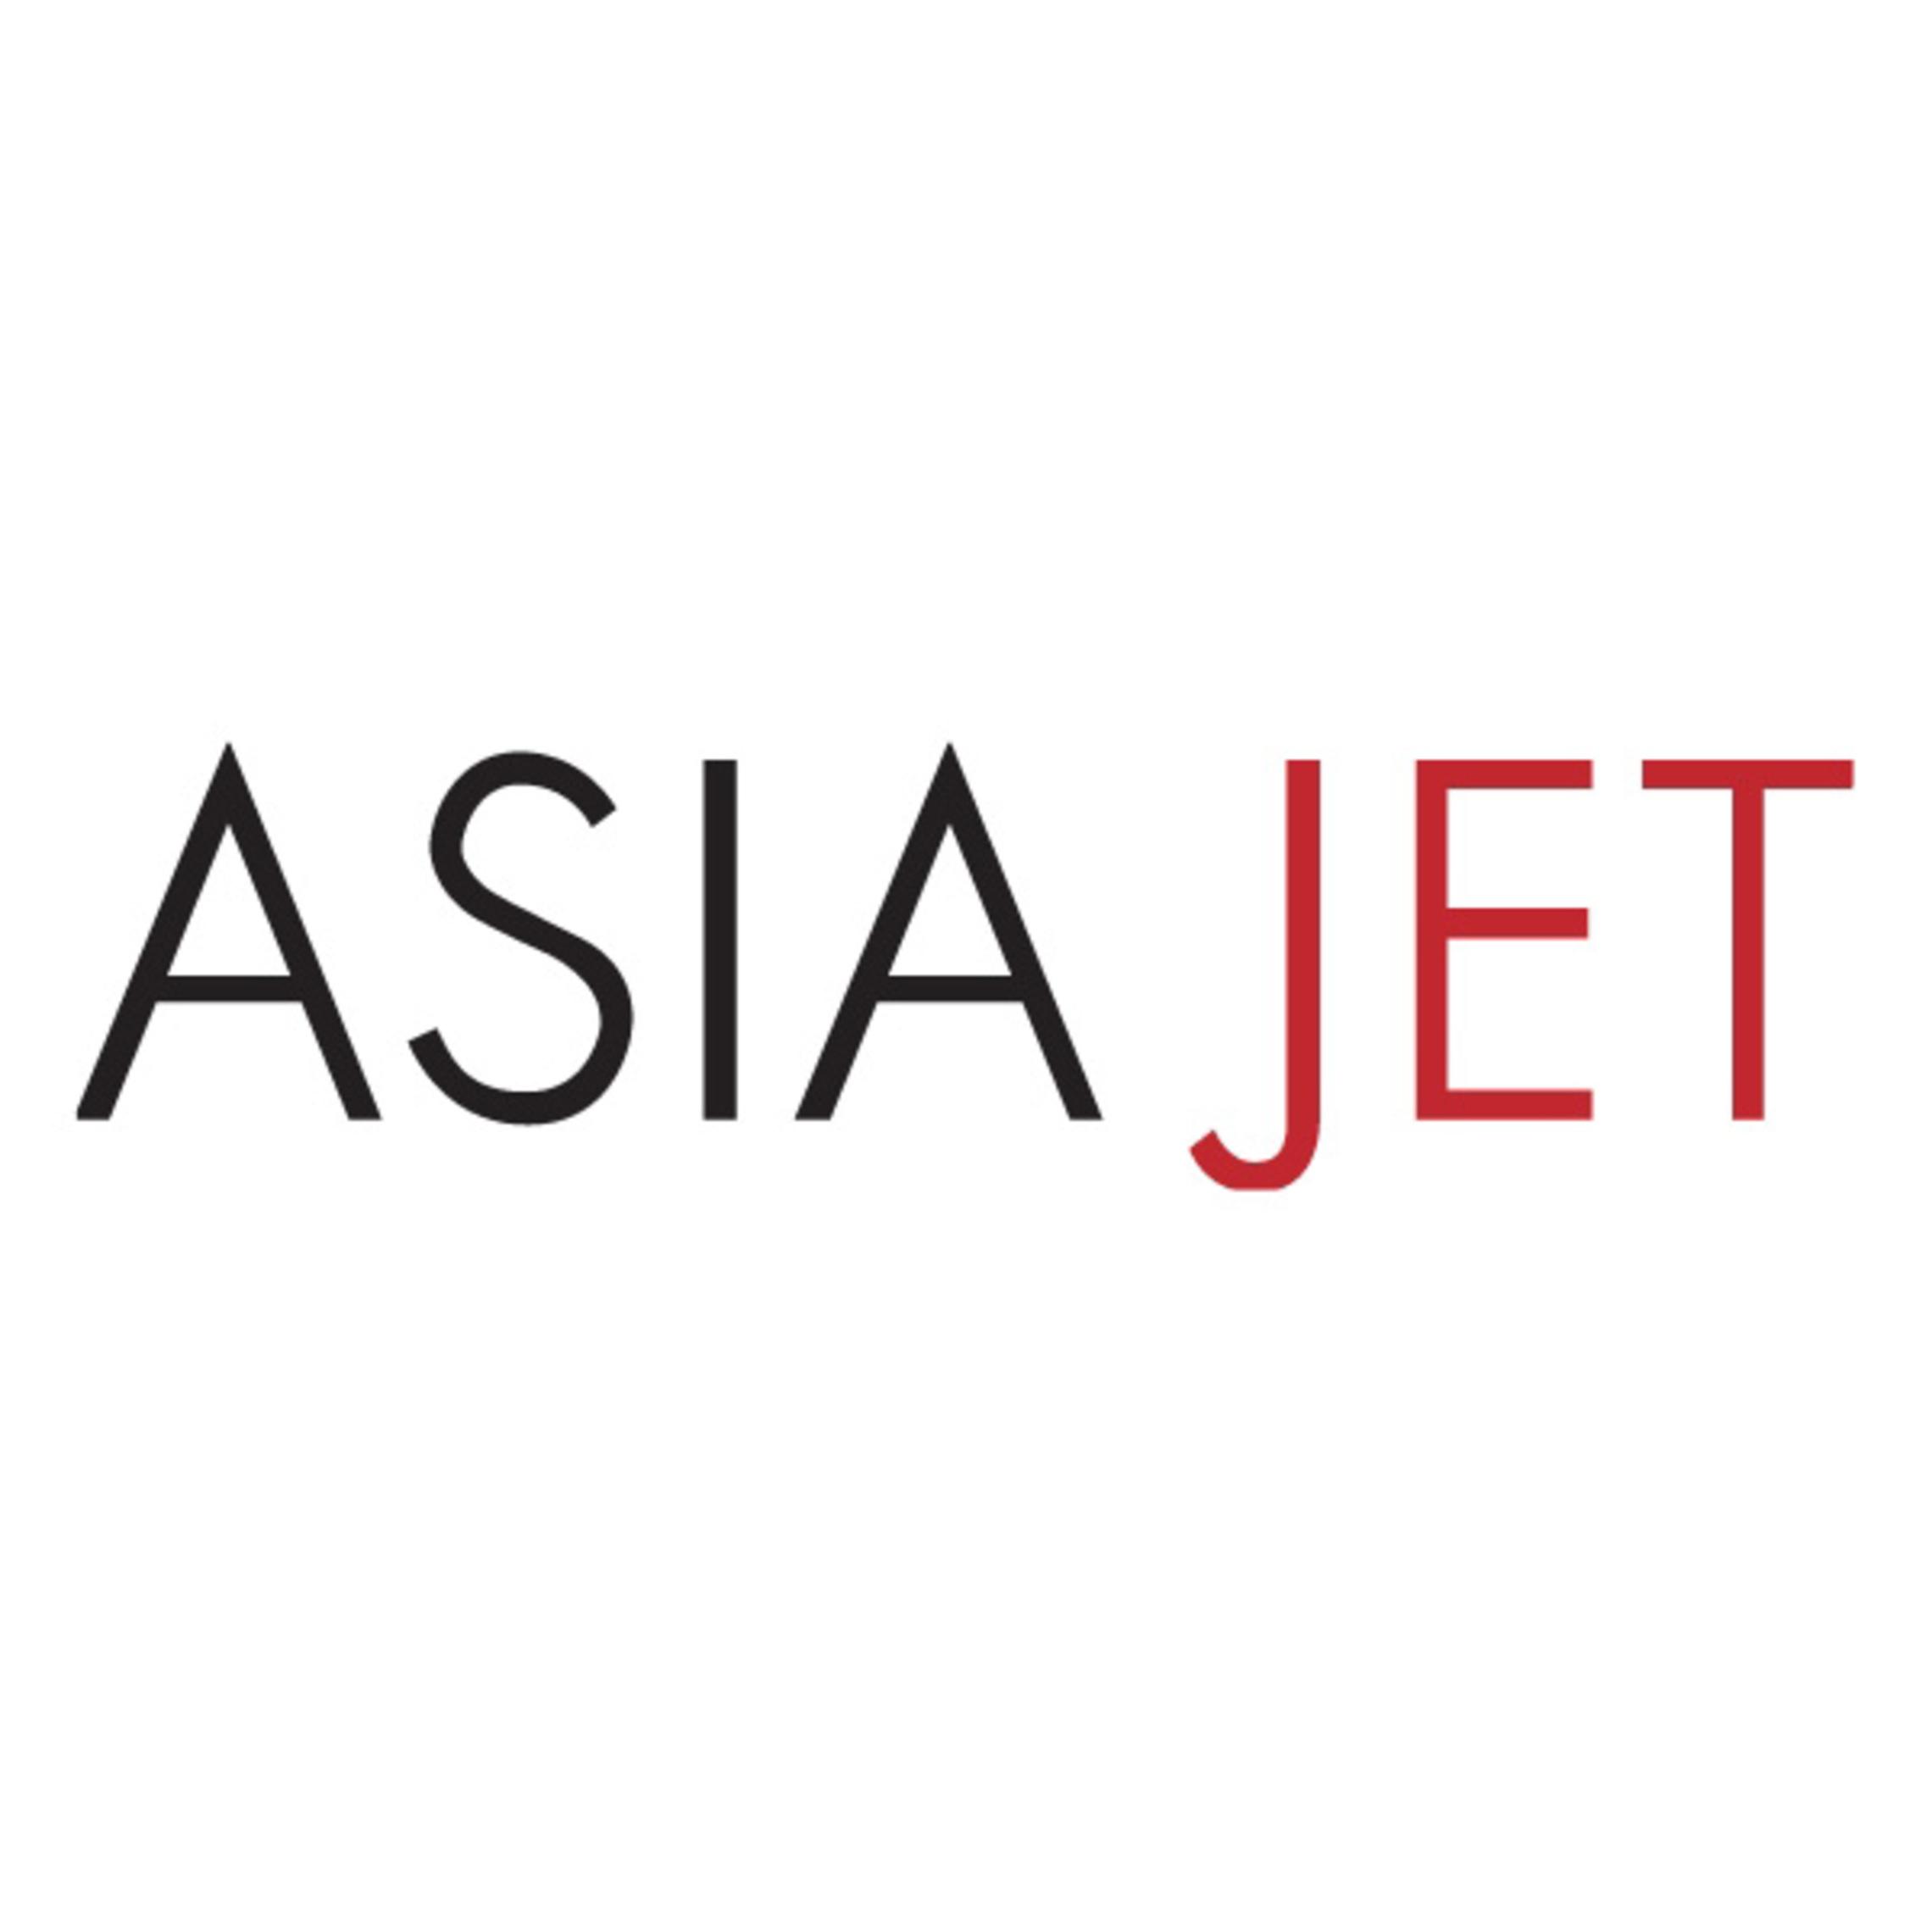 asia jet- company logo